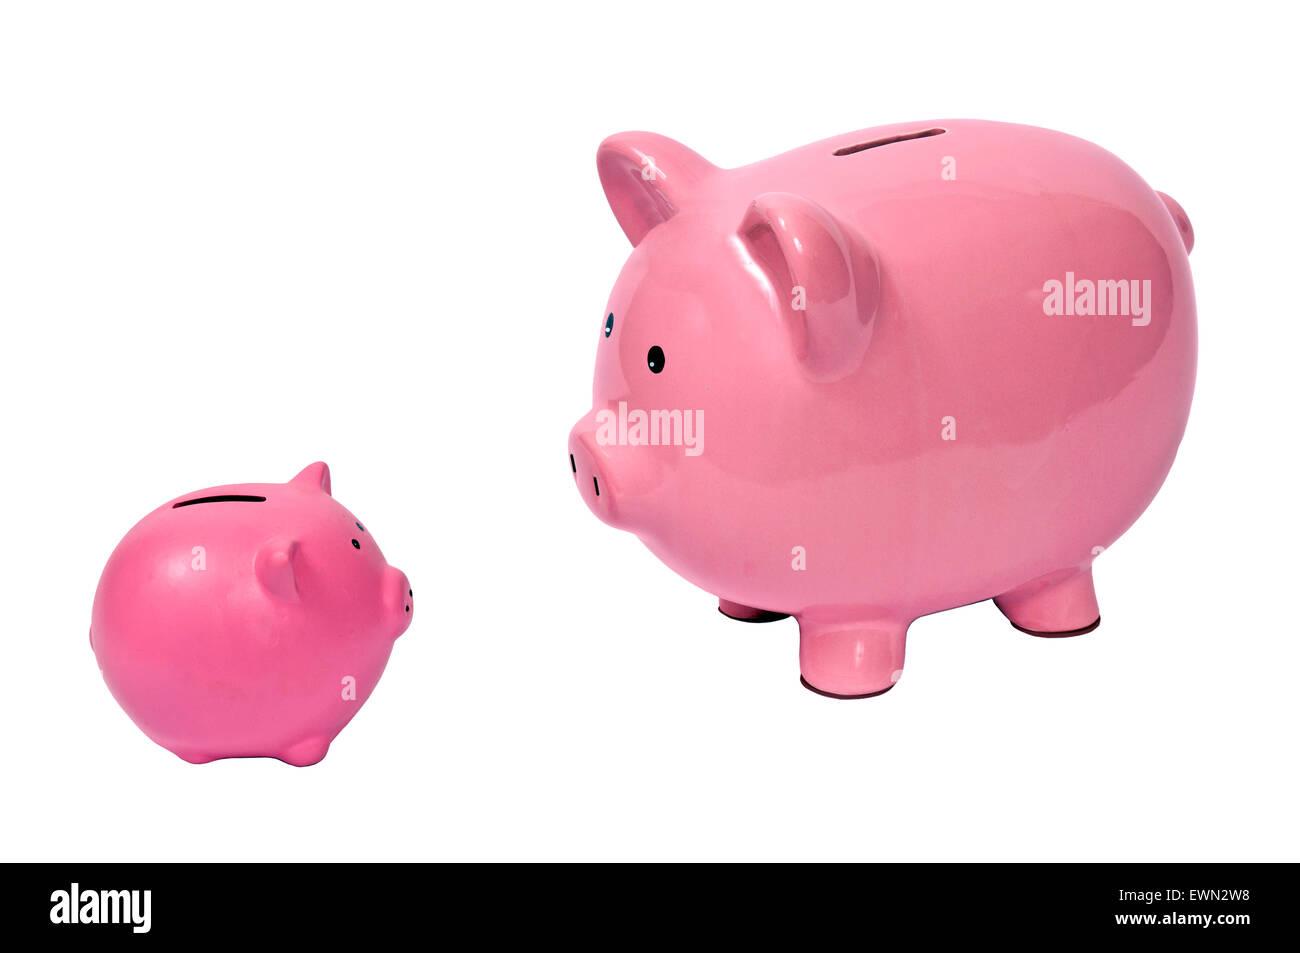 Sparschwein Eltern bespricht Finanzen und die Bedeutung des Sparens mit Kind.  Horizontalen Schuss.  Isoliert auf Stockbild